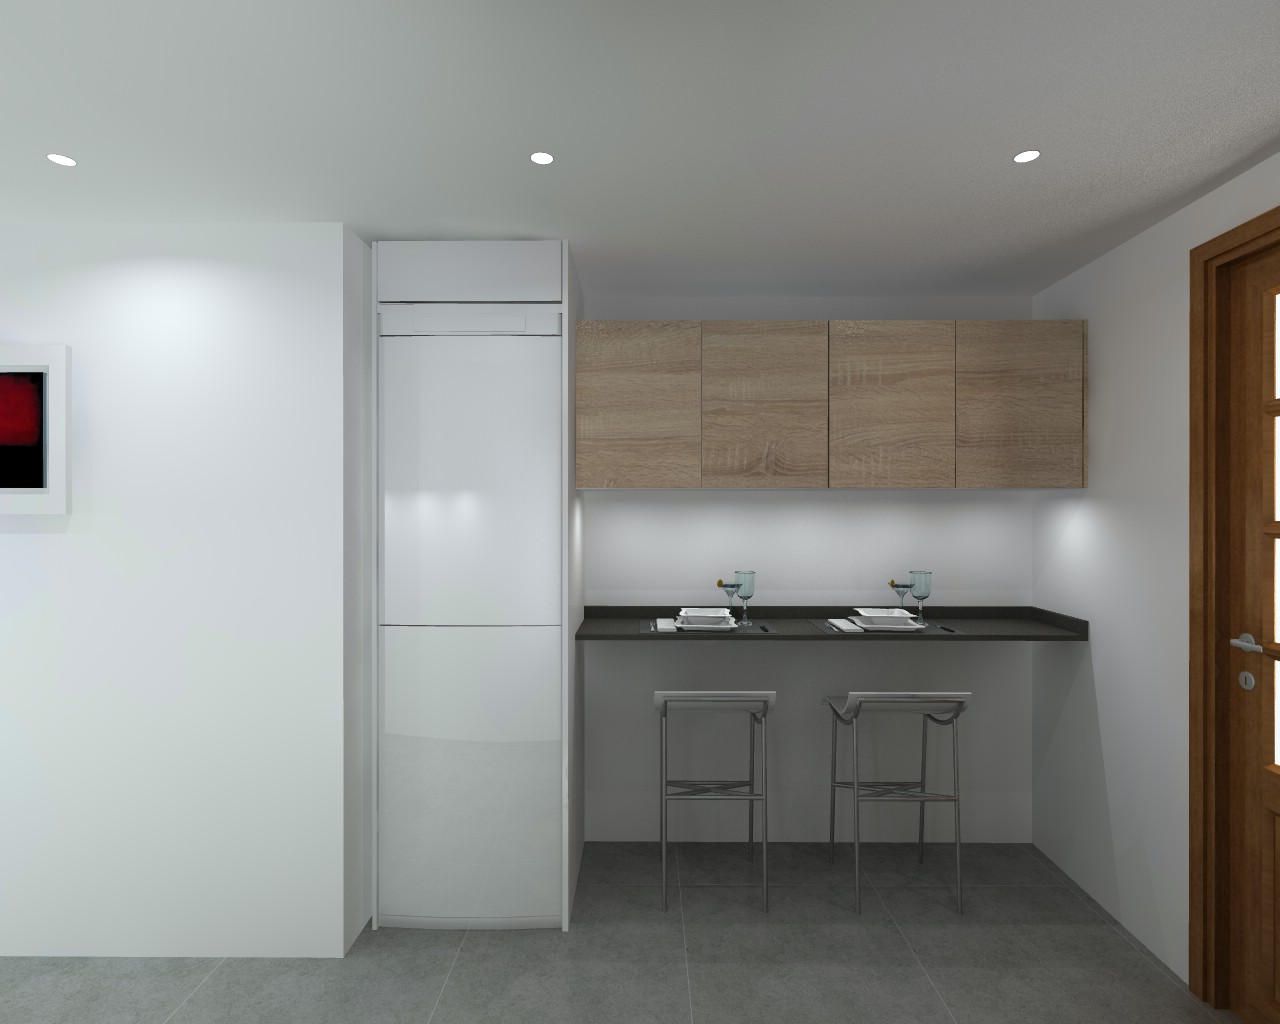 Proyecto cocina santos modelo line e con encimera for Proyecto cocina